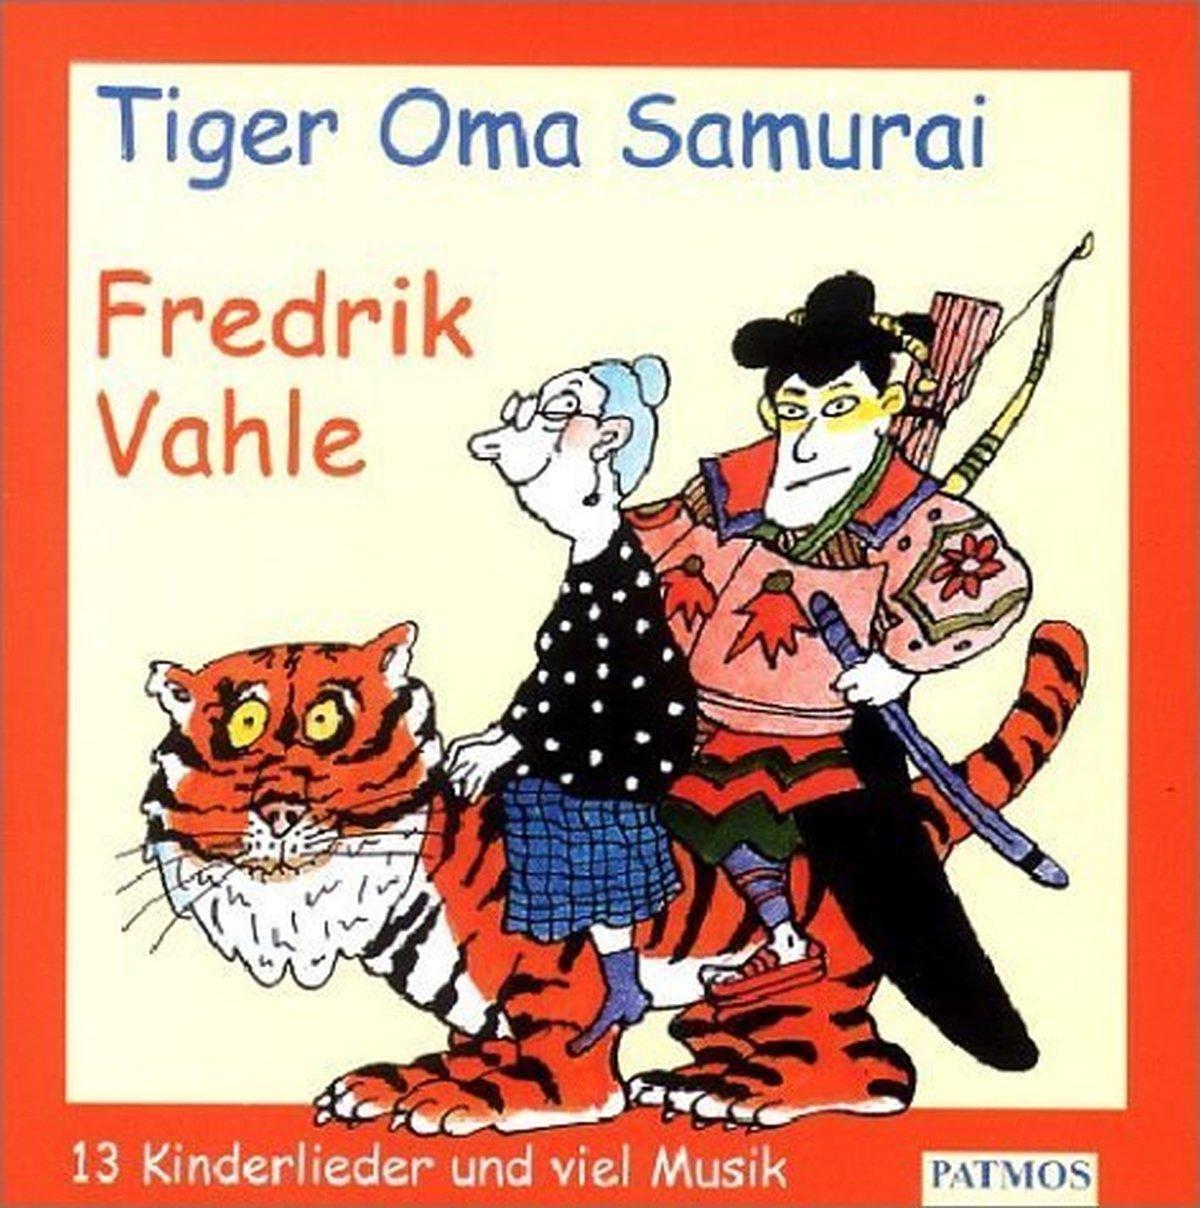 Tiger Oma Samurai. CD: Lieder aus dem ganzen Leben